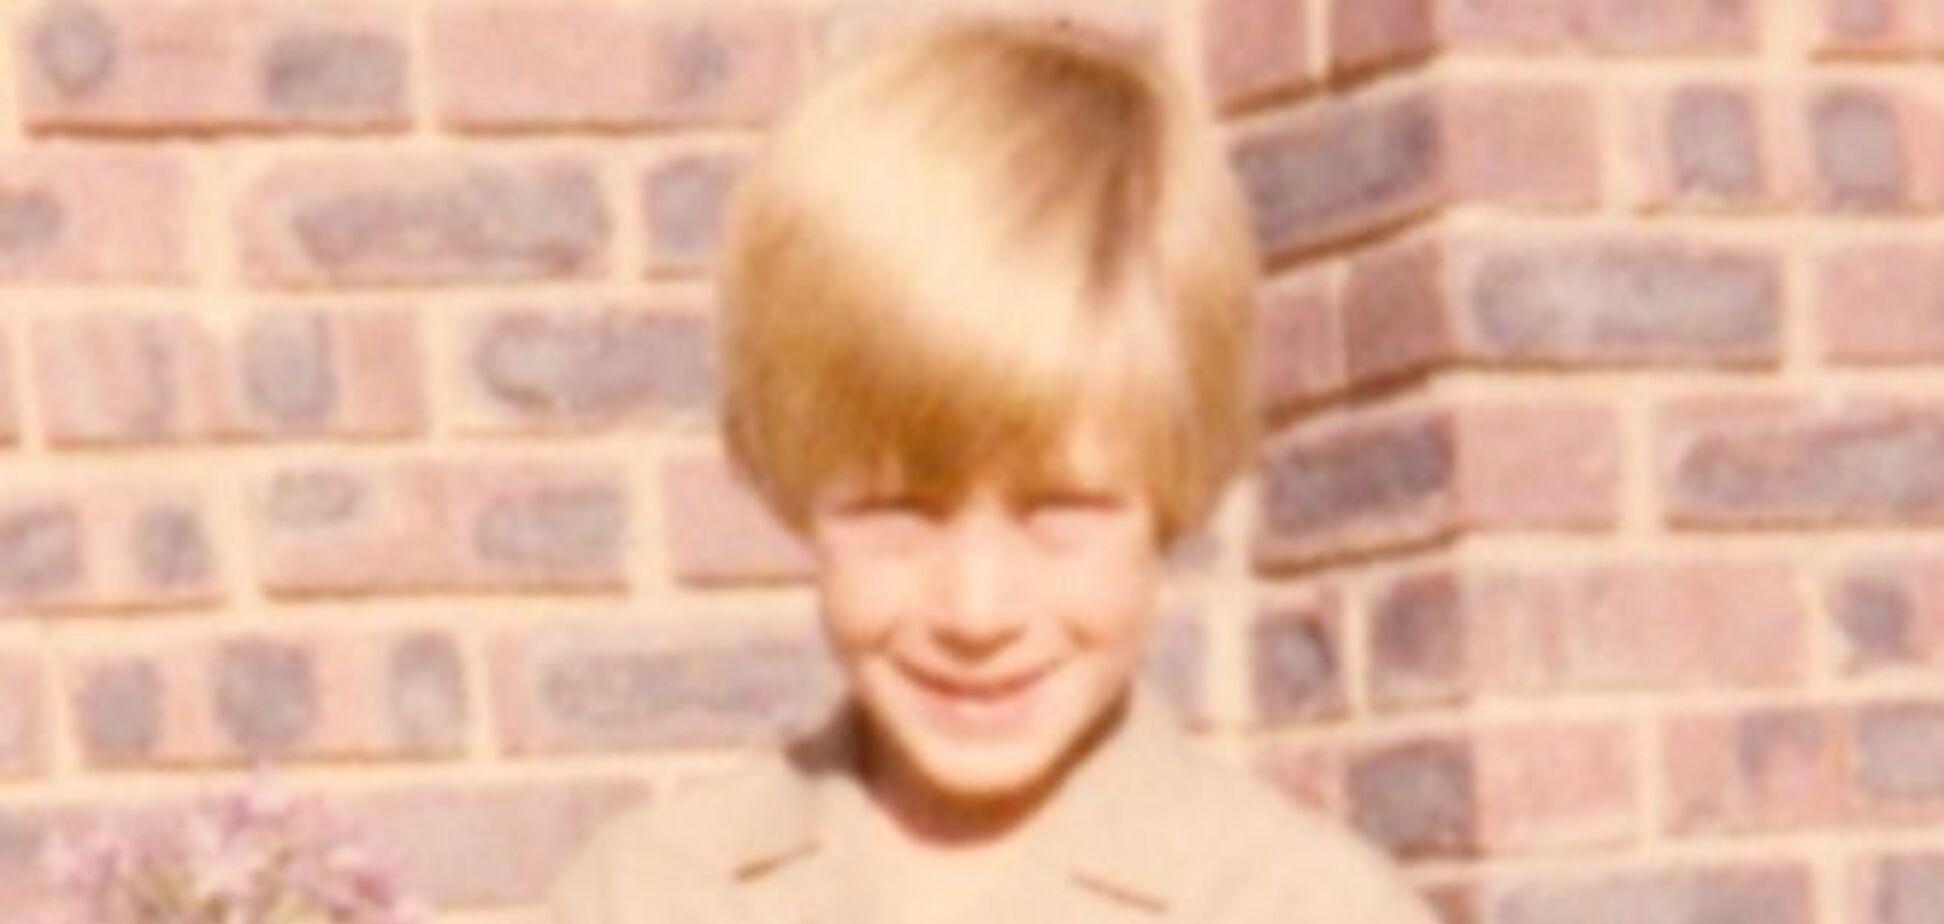 Обреченный на смерть мальчик-призрак чудом одолел болезнь: невероятная история